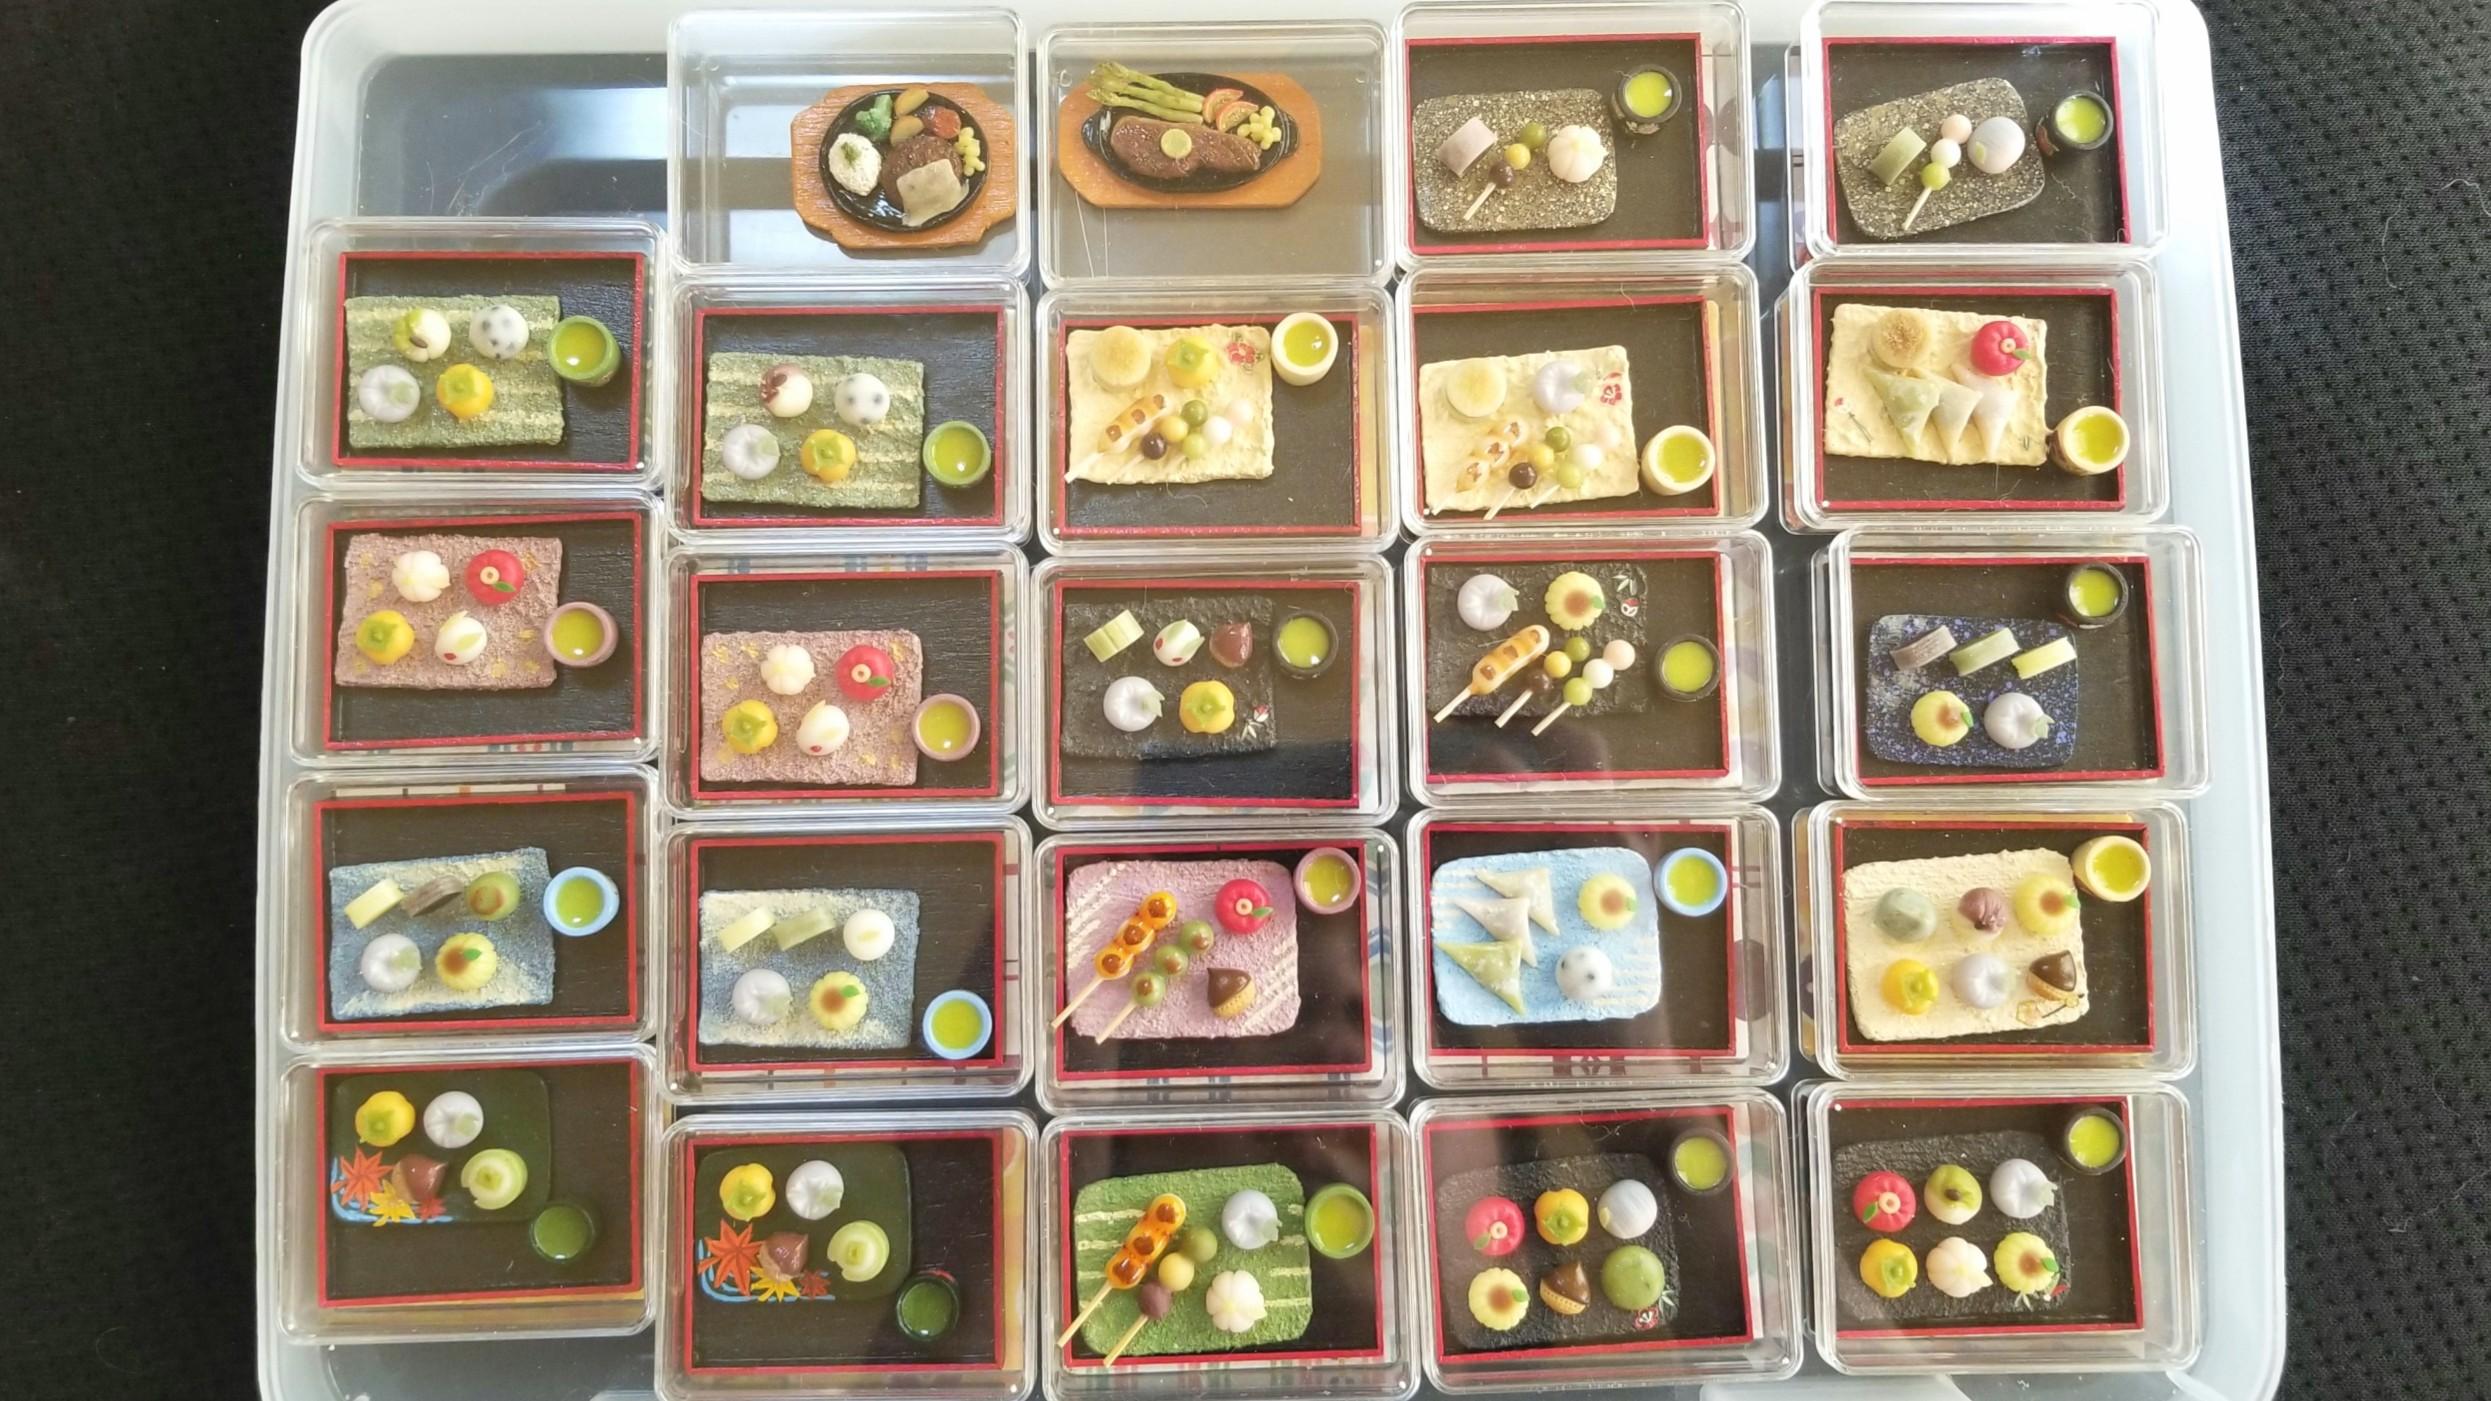 イベント用,ミニチュアフード,樹脂粘土,全作品,和菓子,ドールハウス